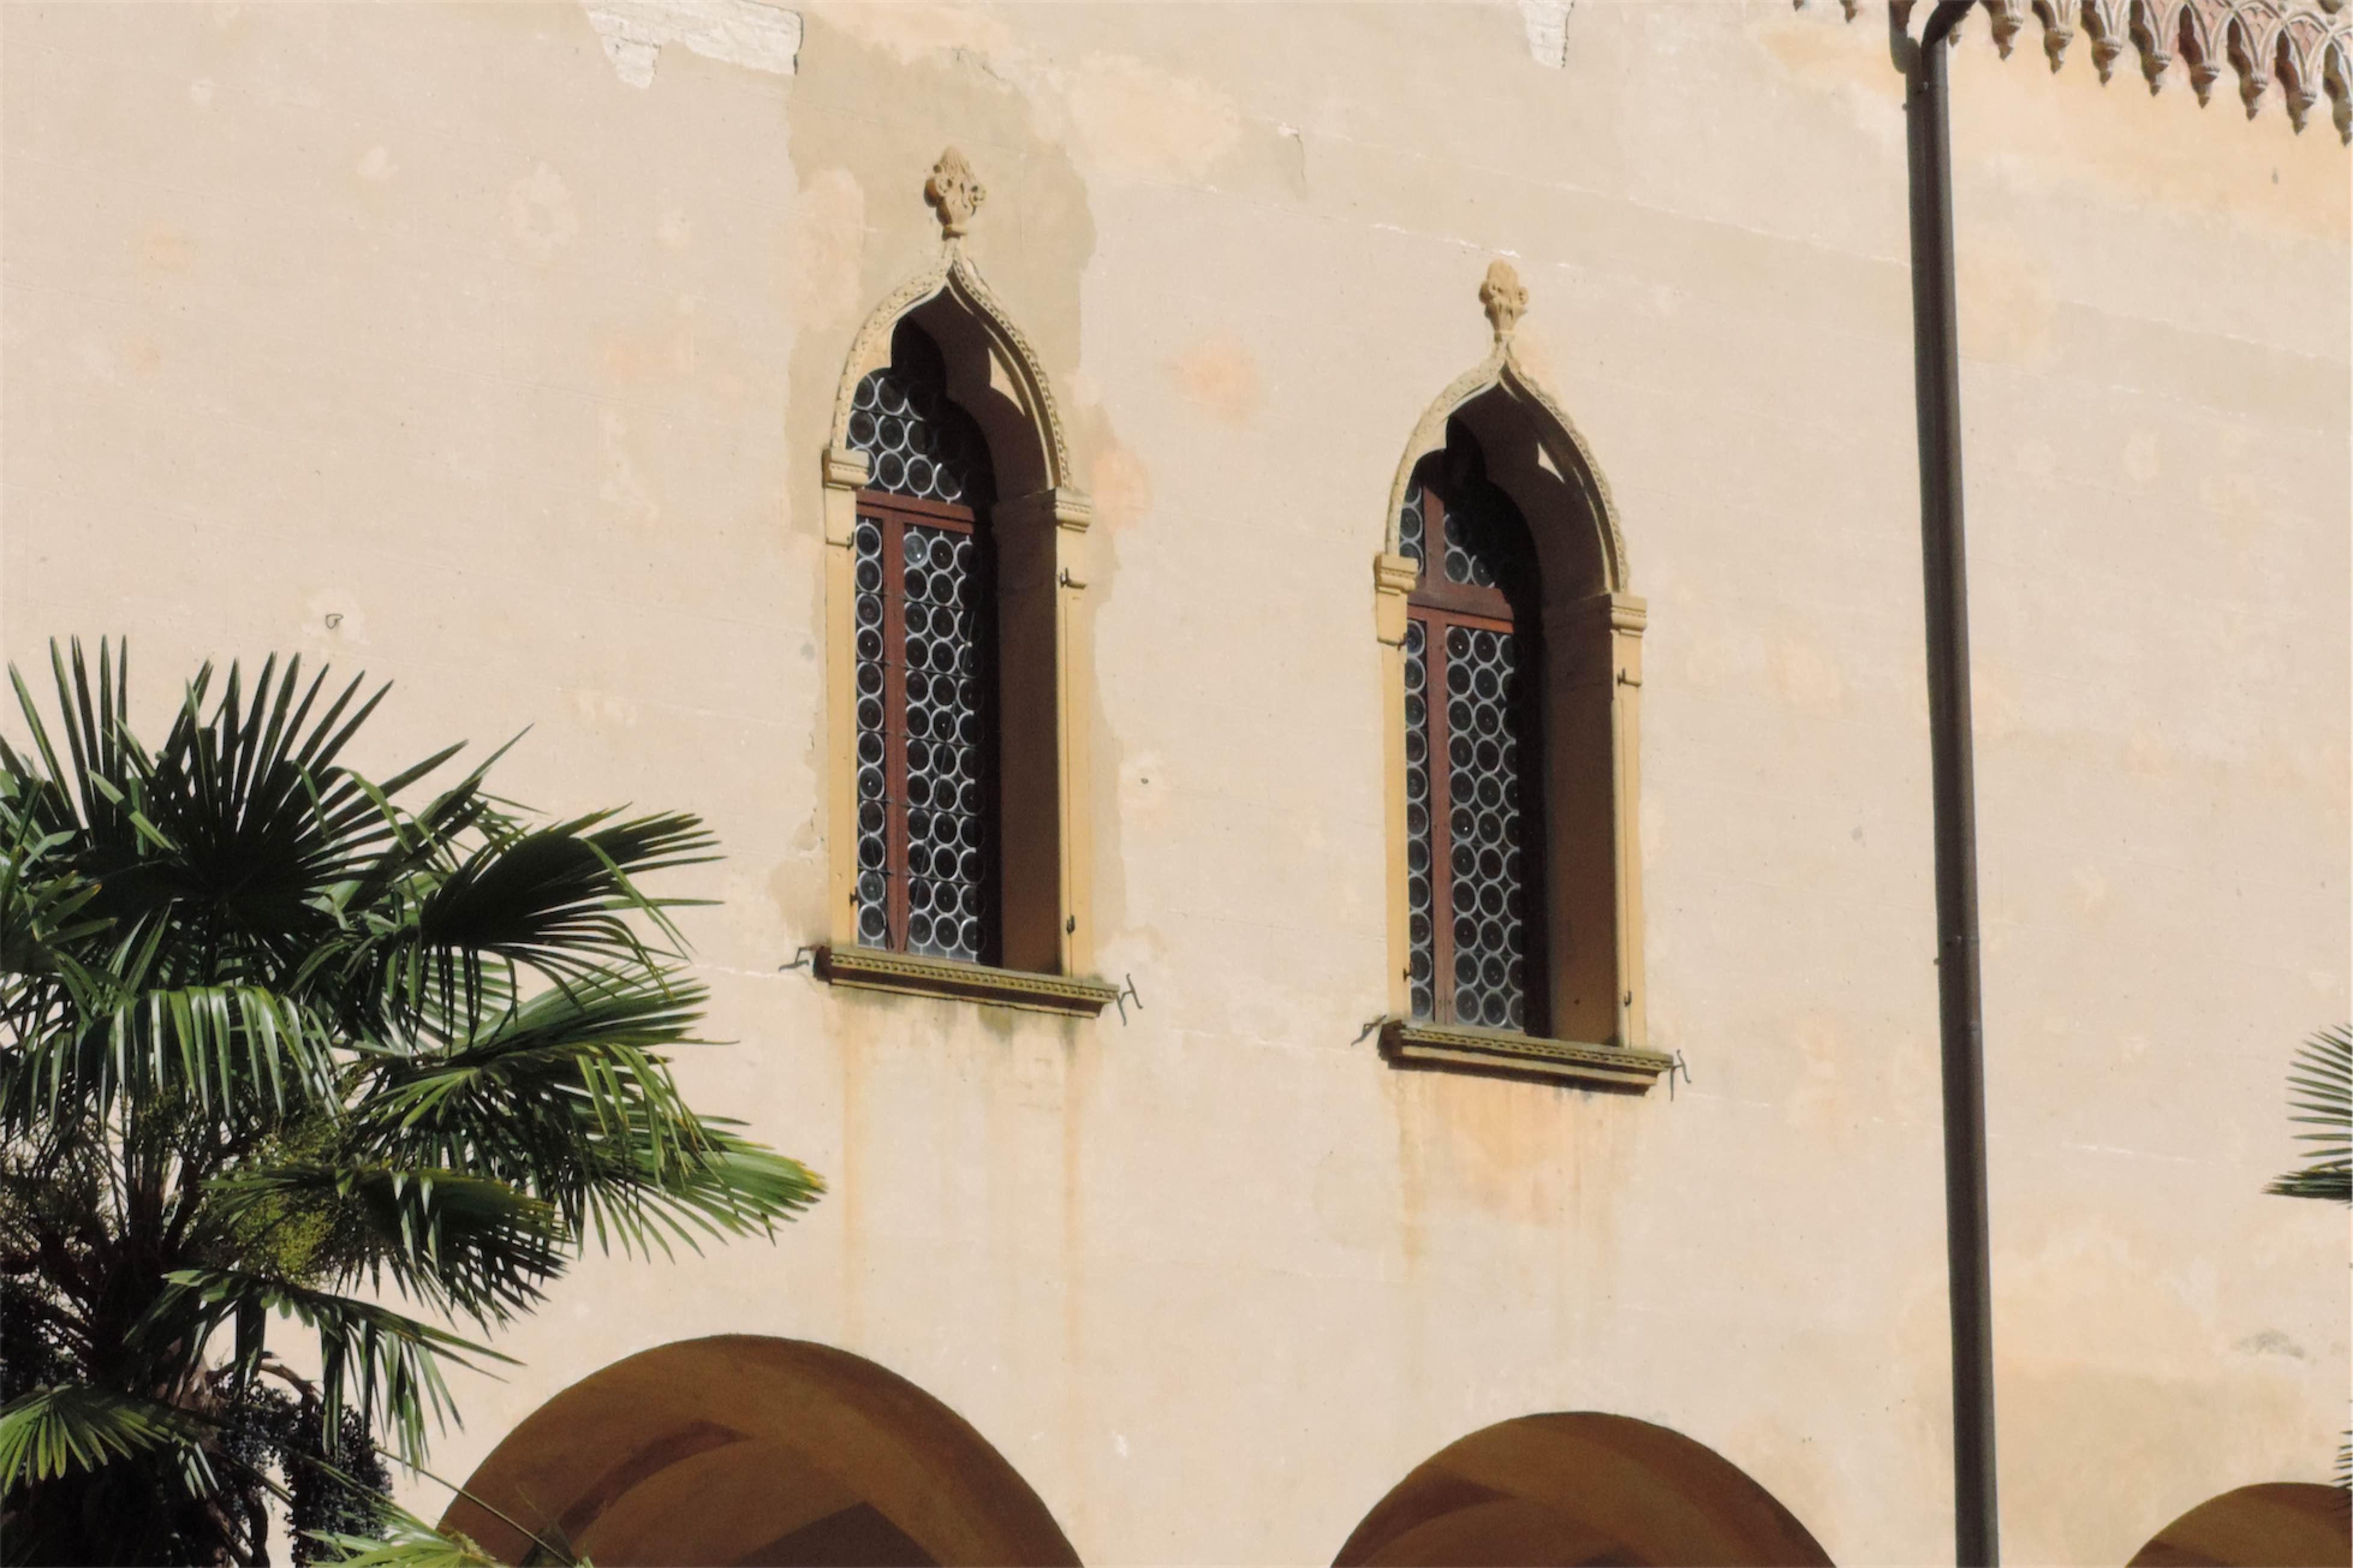 Filip Obara Manufaktura Marzeń Colli Euganei - okna w stylu weneckim w opactwie Praglia